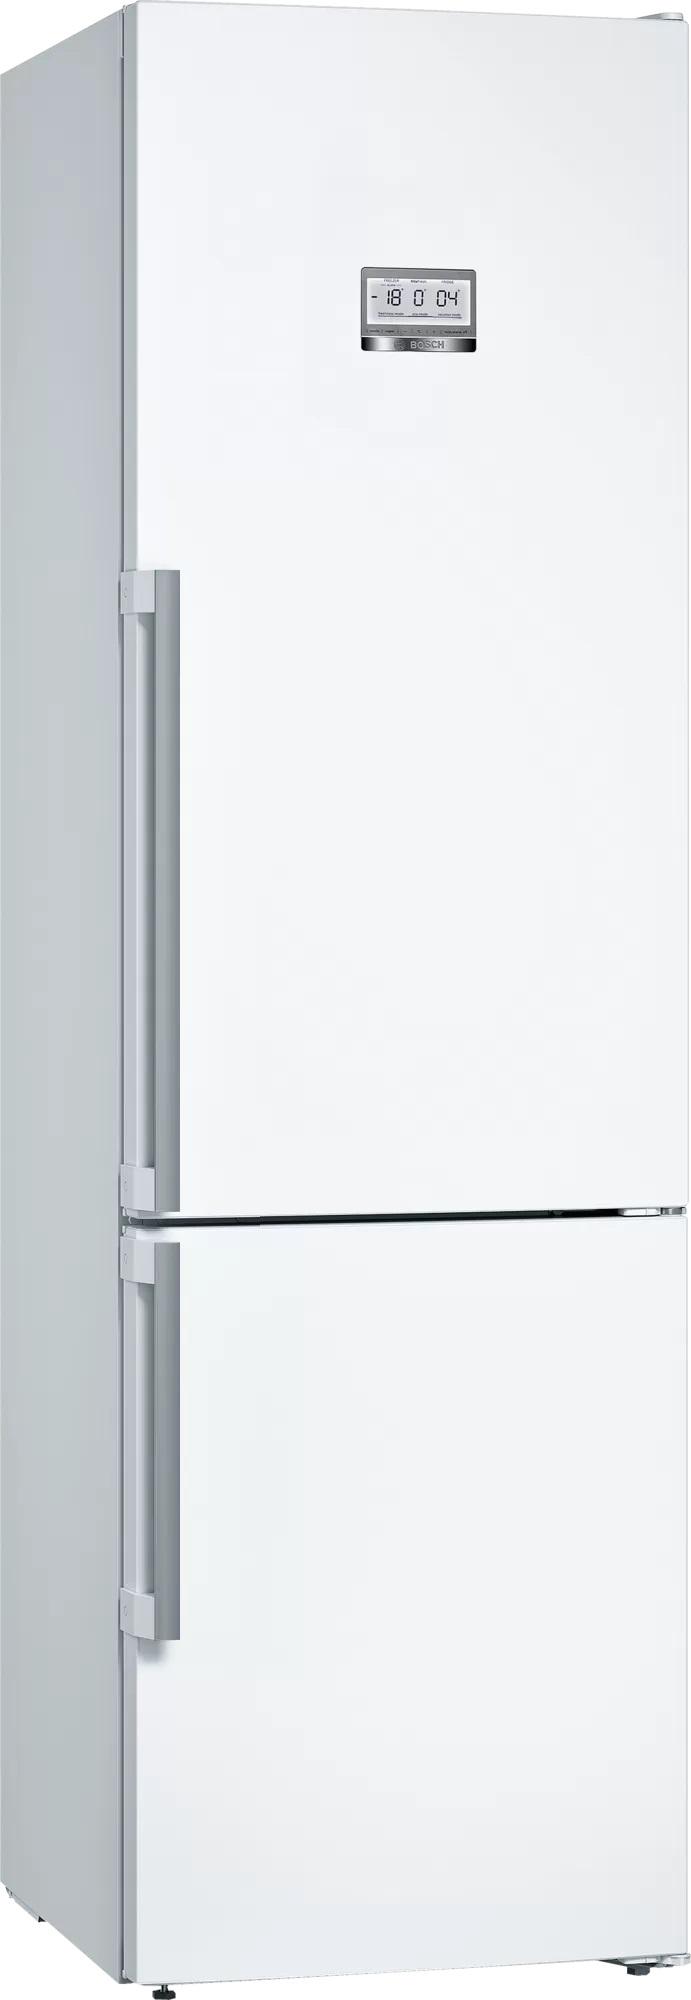 Двухкамерный холодильник BOSCH KGF39PW3OR